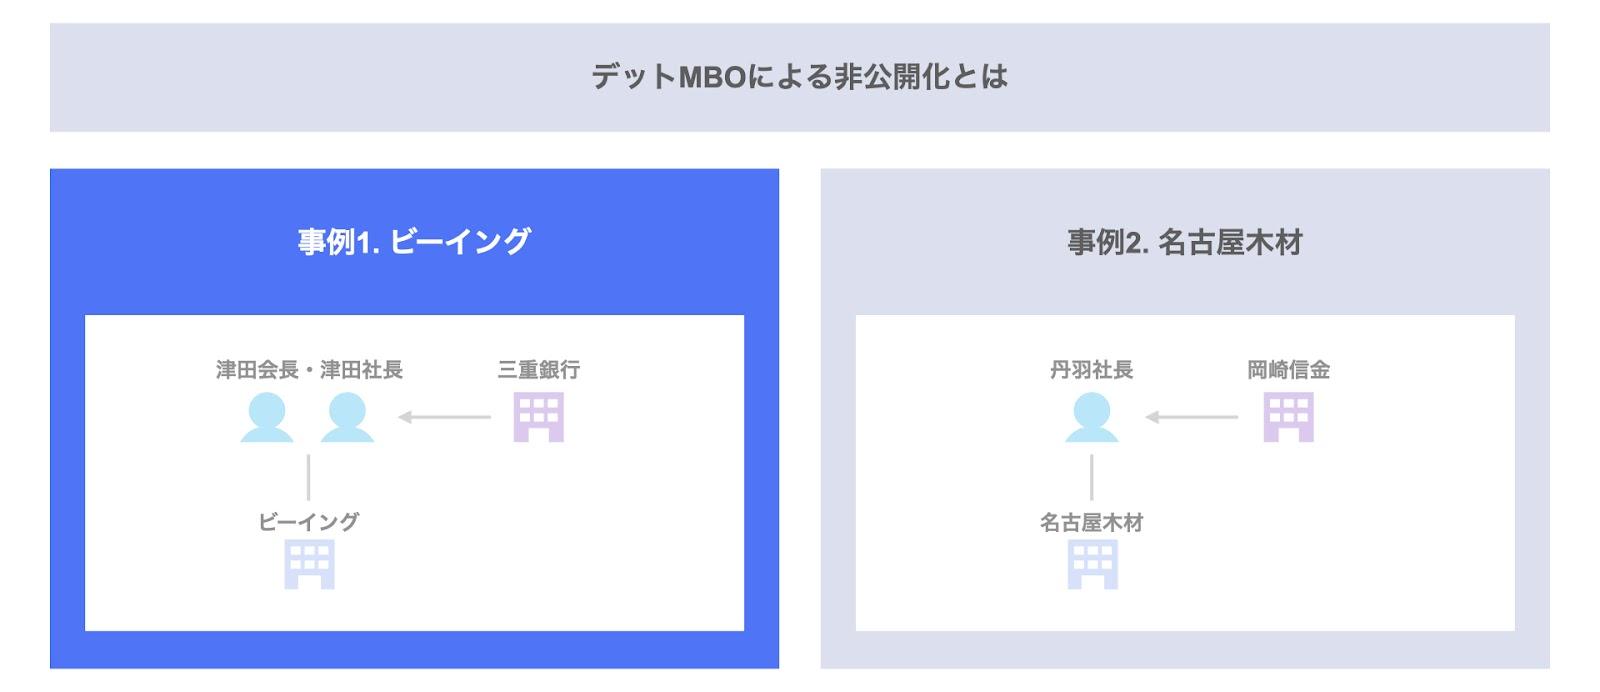 事例1. ビーイングのデットMBO(三重銀行)